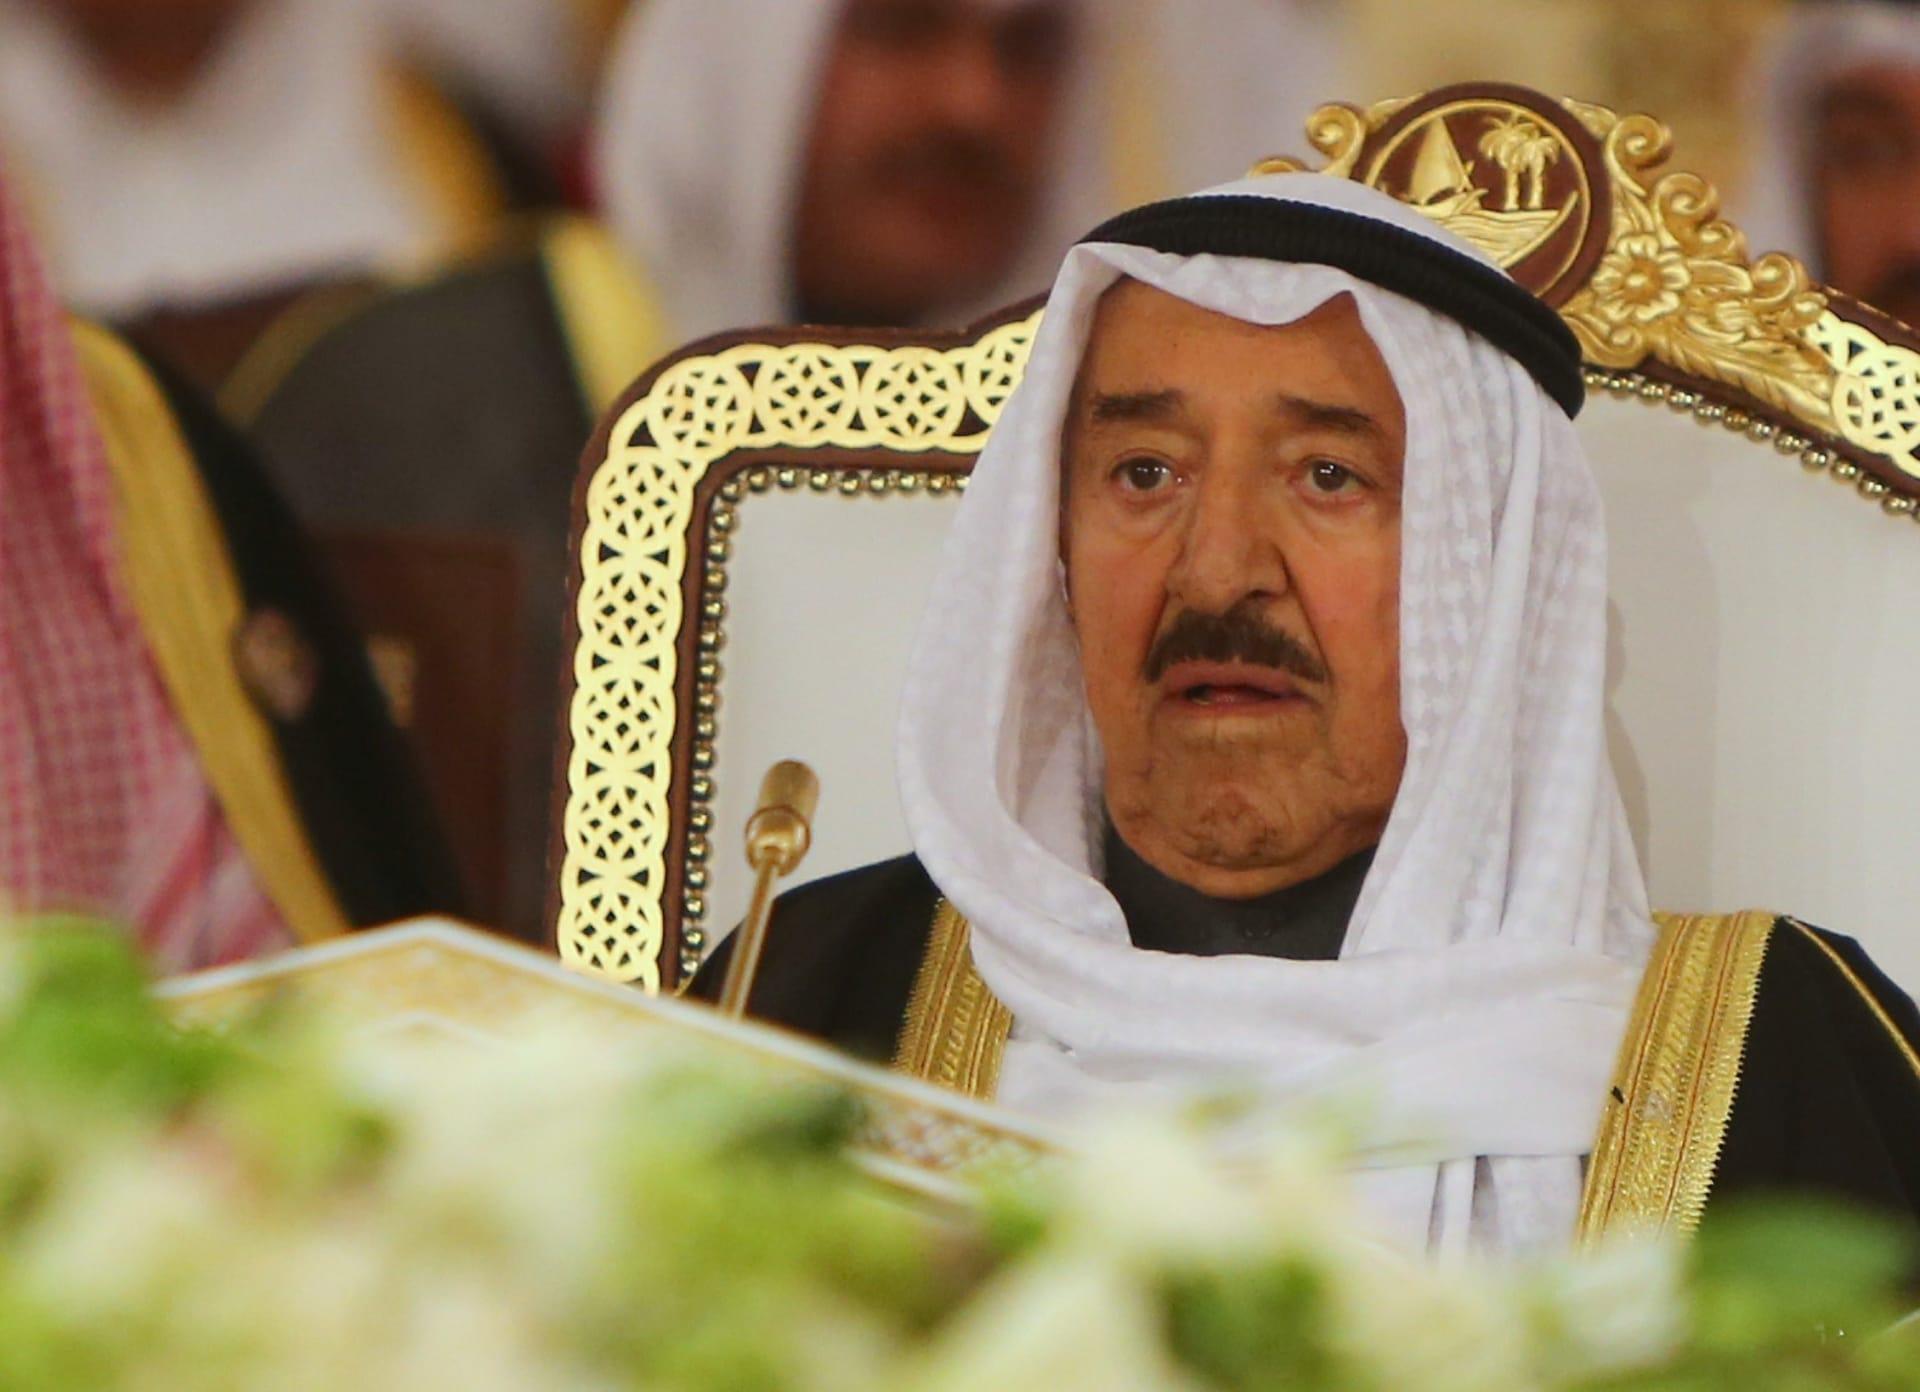 """أمير الكويت محذرا من الواقع """"المرير"""" في المنطقة: يجب أخذ الحيطة والحذر"""